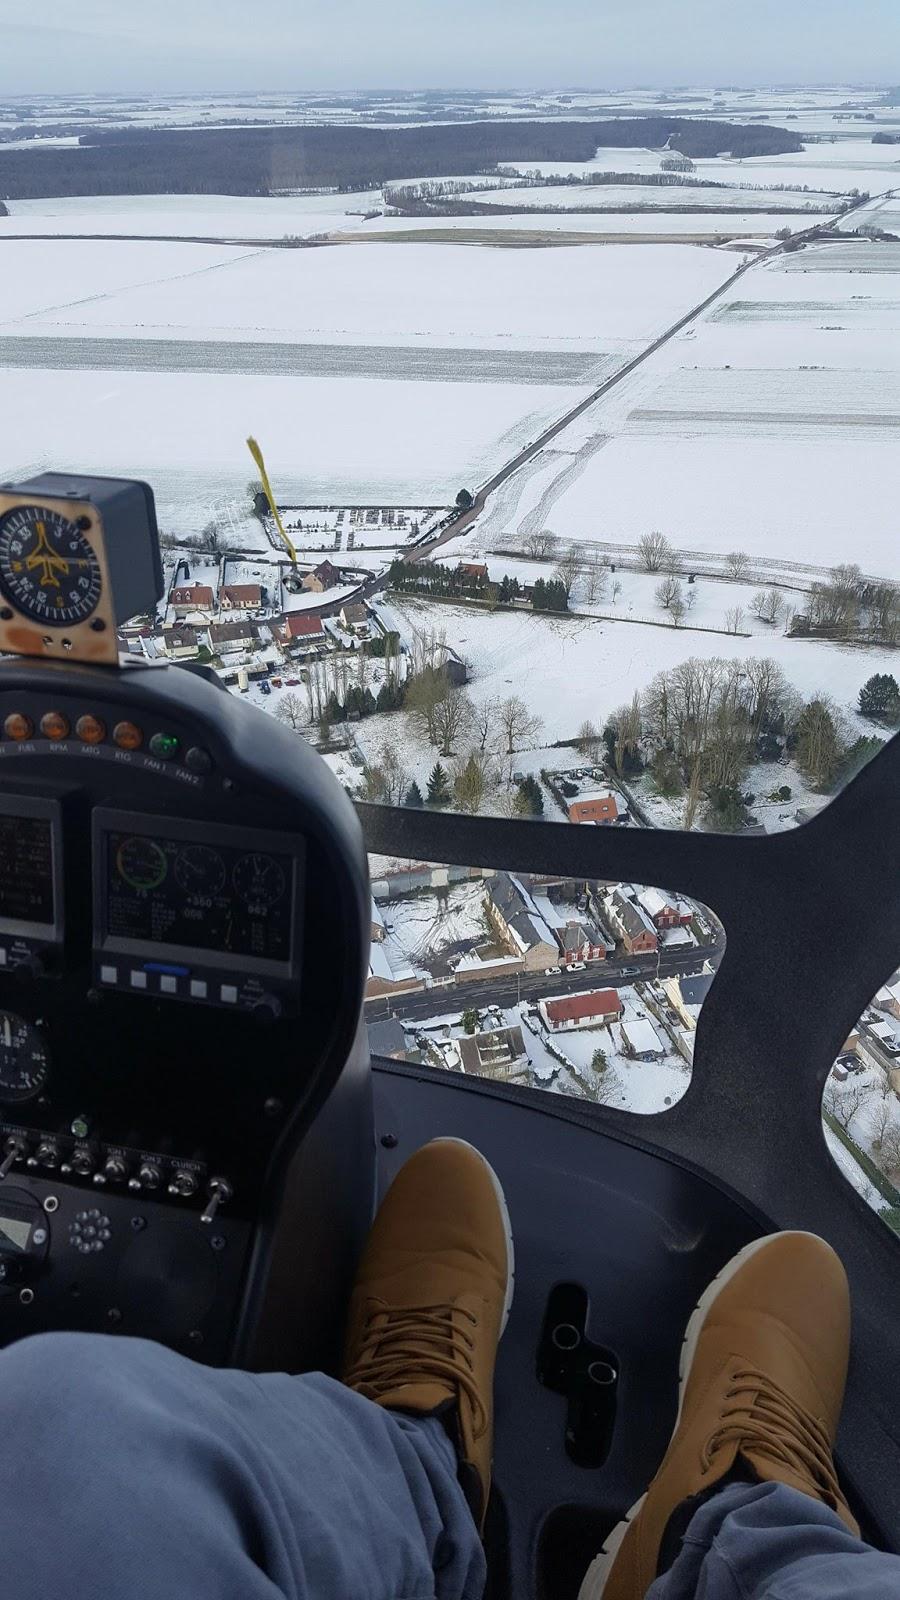 Helicopt\'r: Photos de l\'intérieur de l\'hélicoptère